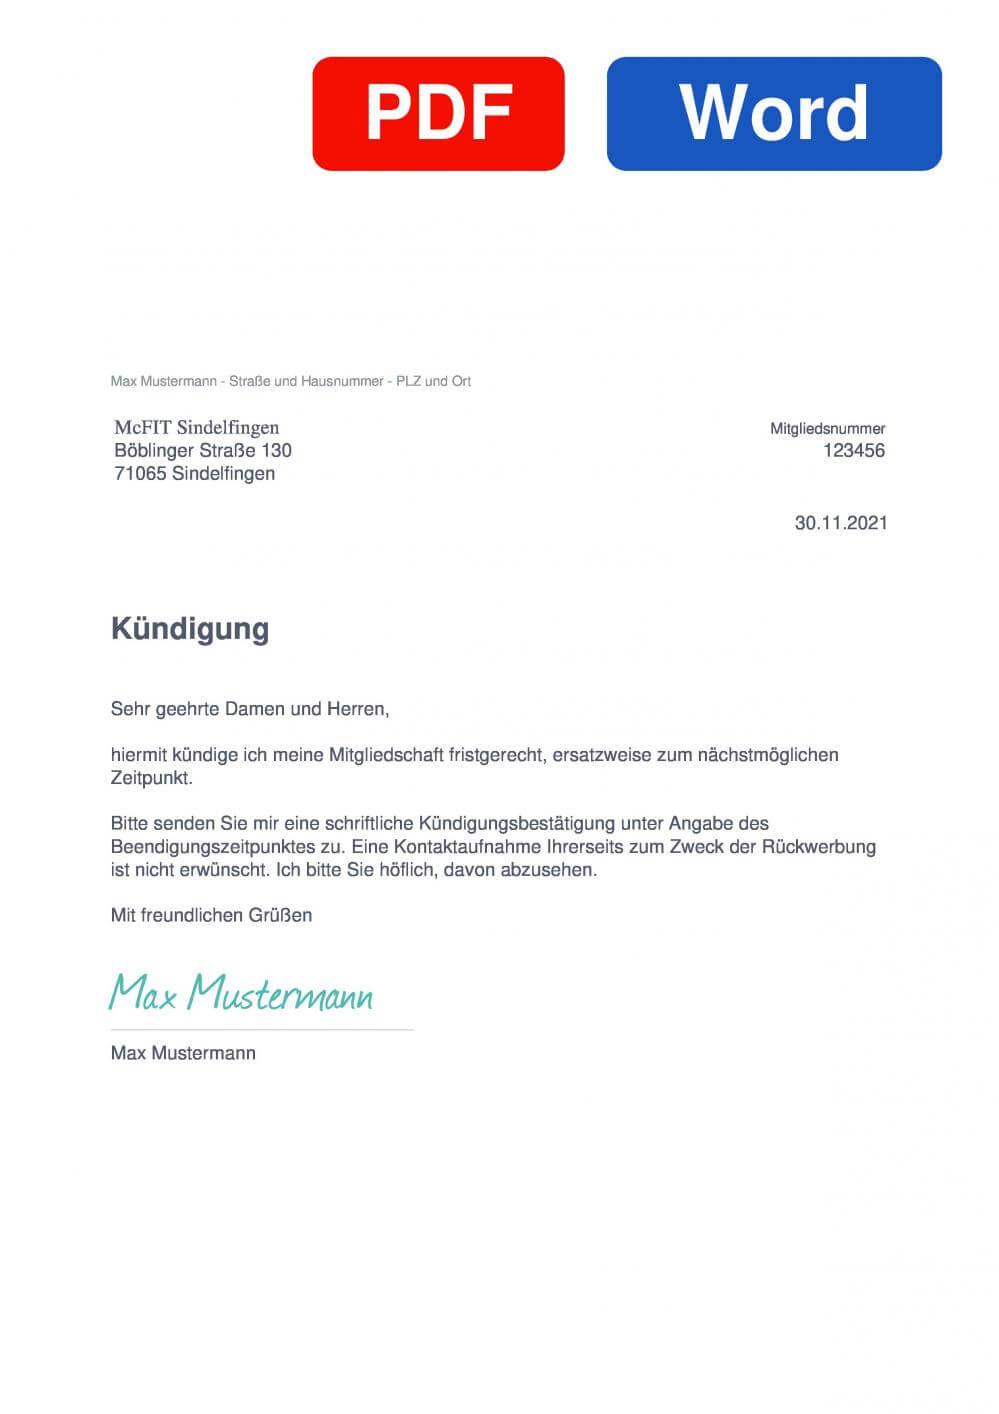 McFIT Sindelfingen Muster Vorlage für Kündigungsschreiben